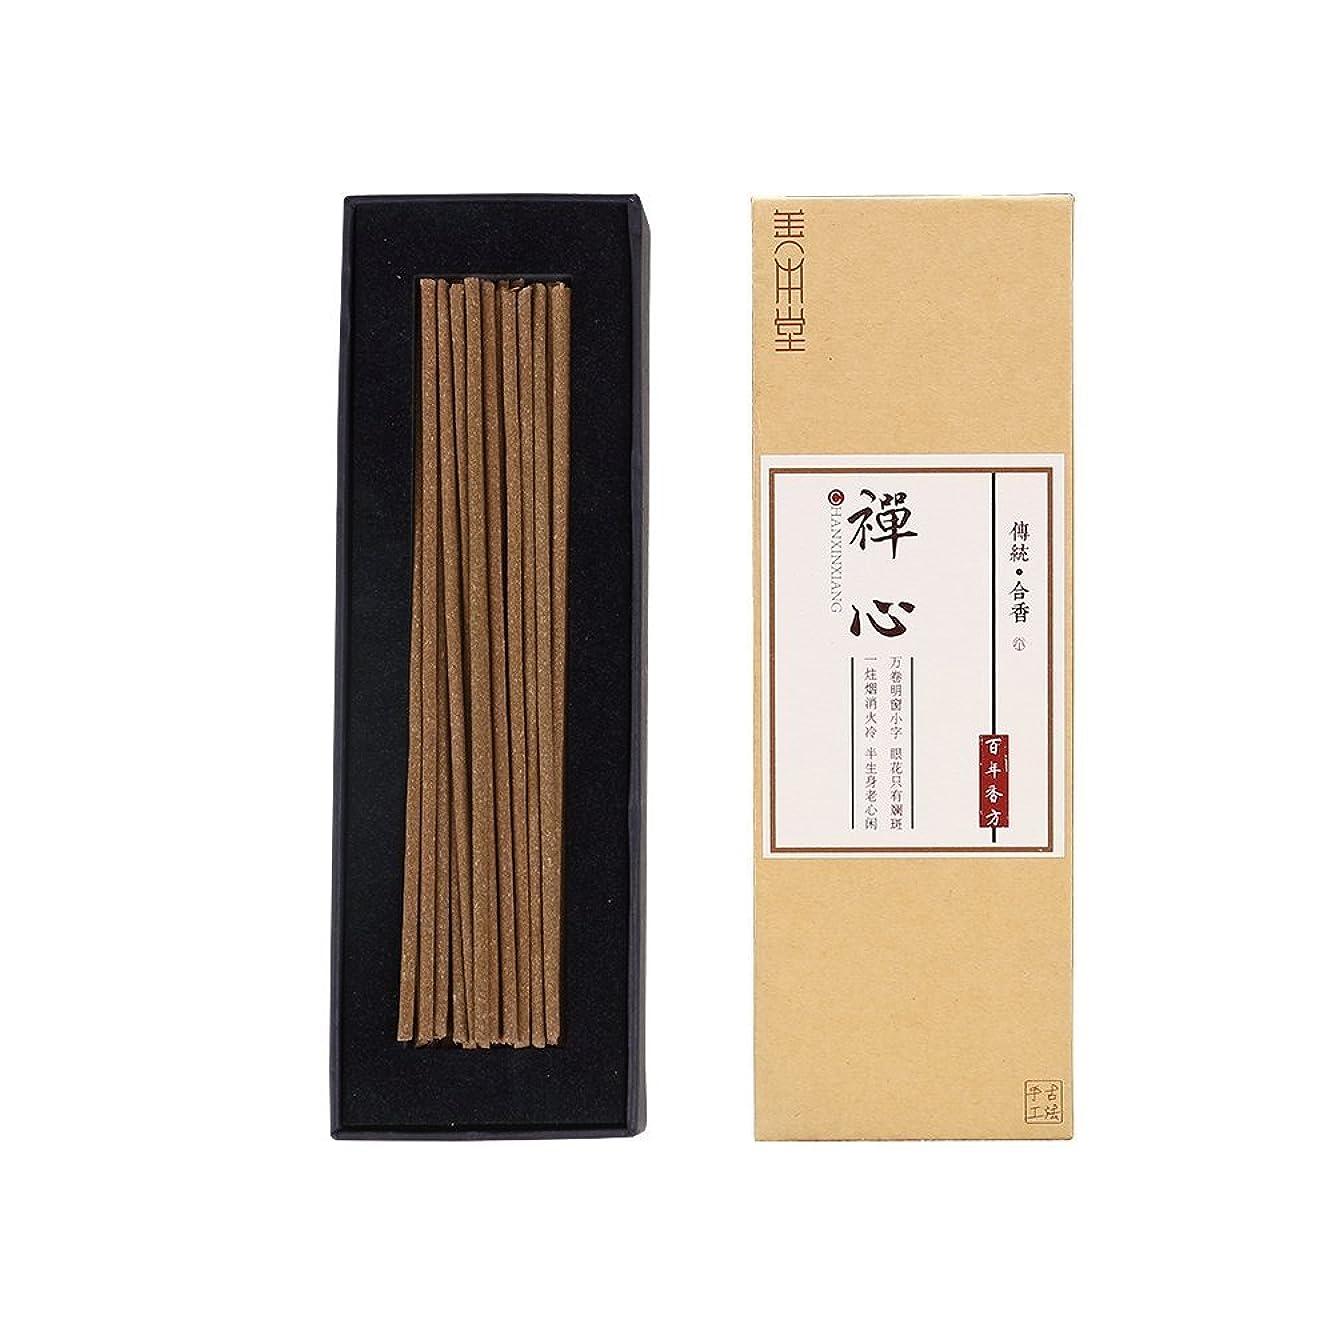 人種病院ファッションShanBenTang お香スティック 純粋な天然の手作りお香 甘い香りのオスマンサスの香り プレミアム品質 Zen Incense ブラウン